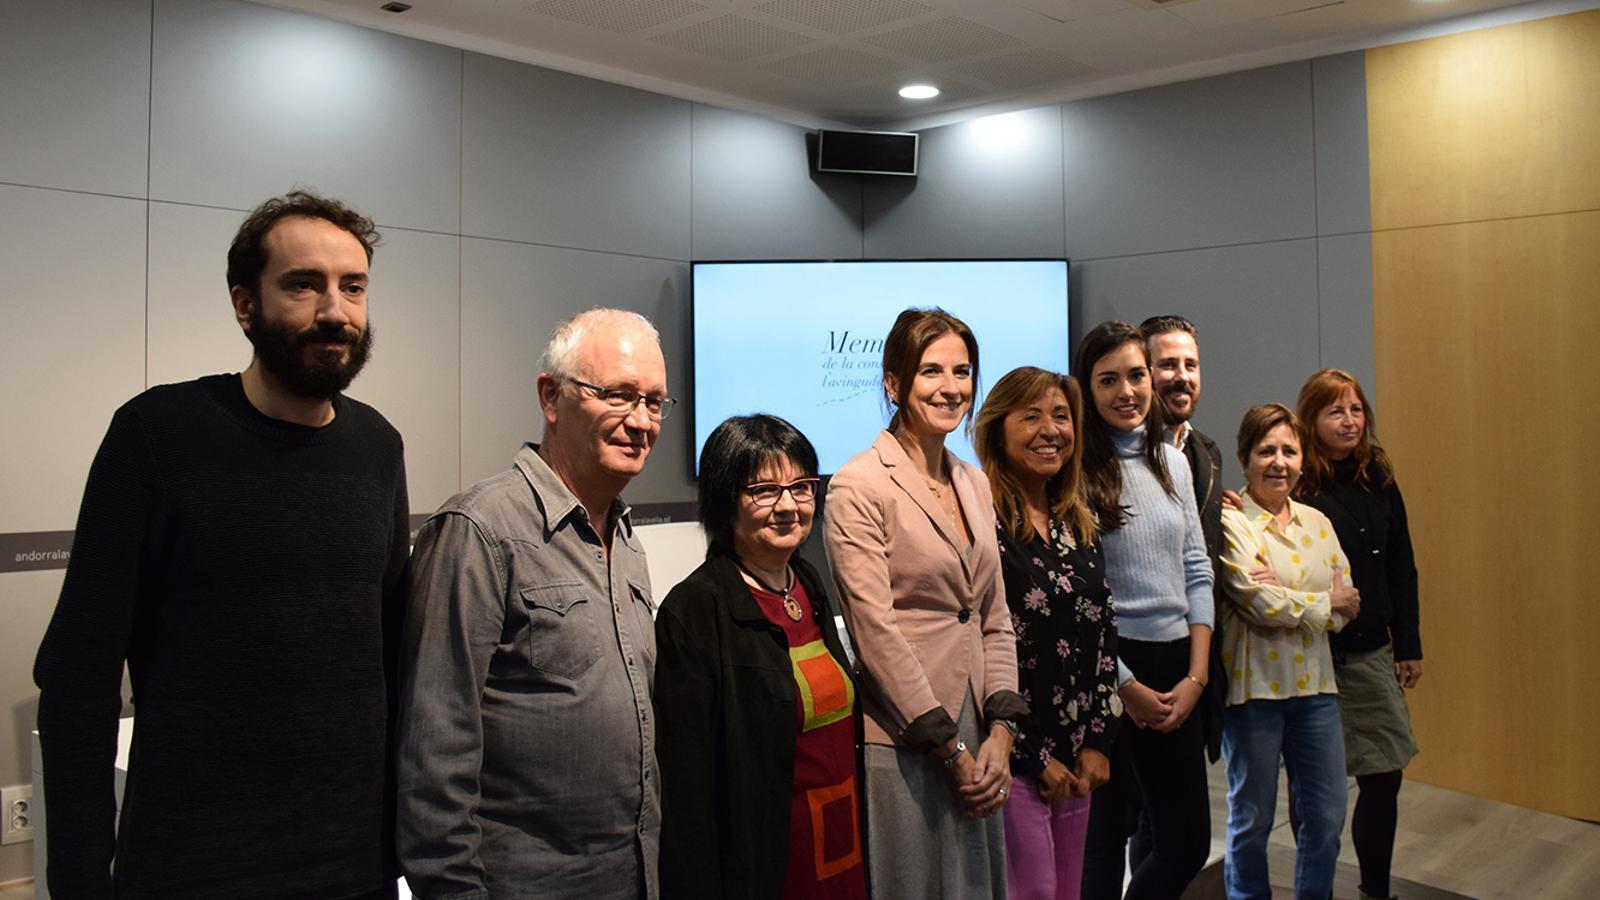 Els responsables del treball juntament amb la ministra de Cultura i Esports, Sílvia Riva; la cònsol major d'Andorra la Vella, Conxita Marsol i la doctora en geografia i encarregada de l'estudi sobre l'avinguda Maria Jesús Lluelles. / M. F. (ANA)